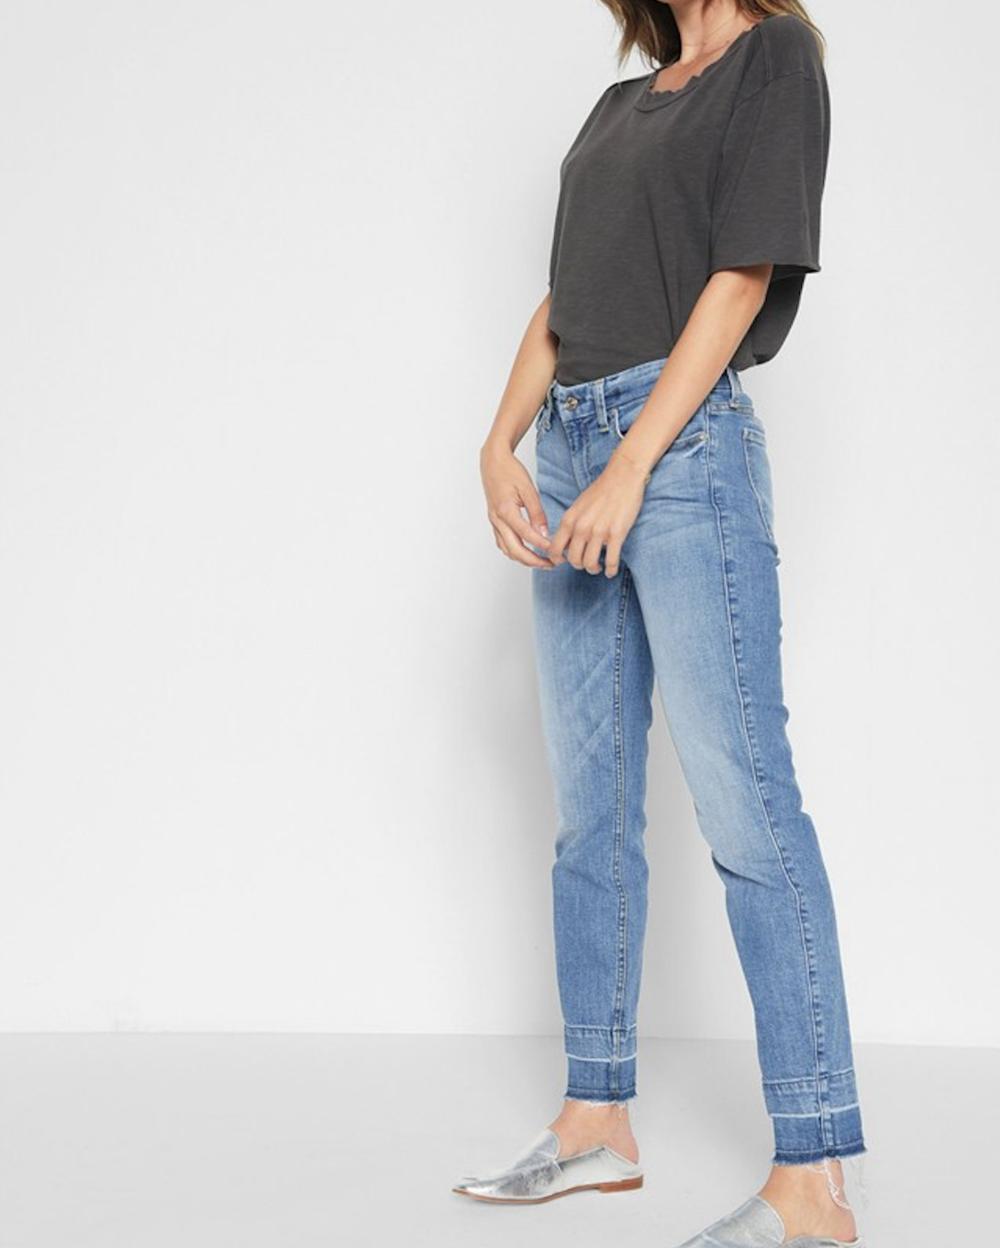 Meu mom jeans favorito no sale da 7 For All Mankind.